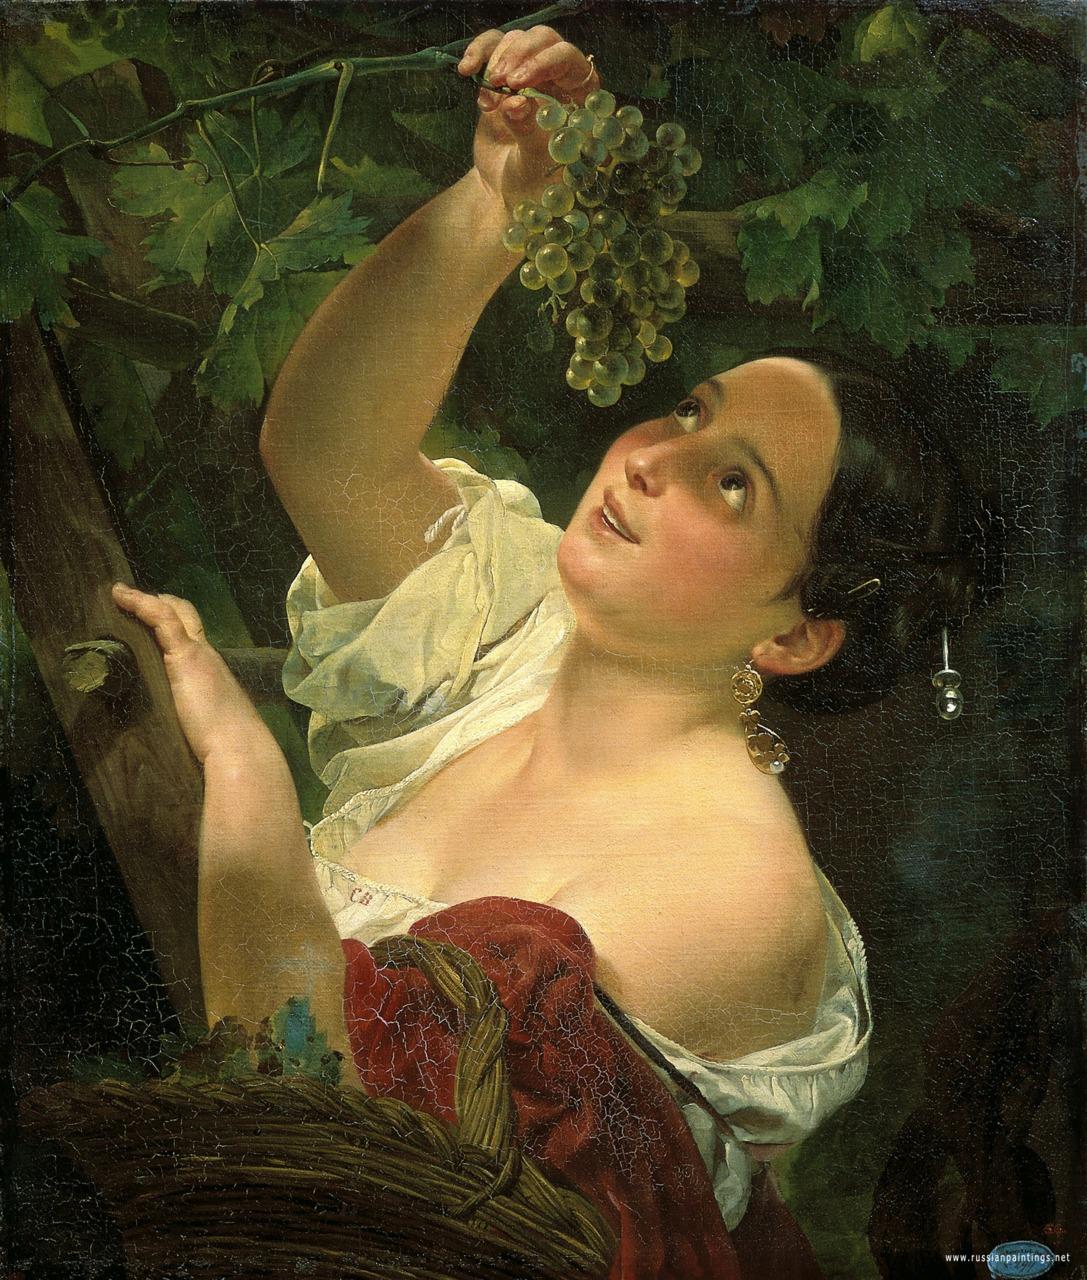 Italian Midday (1827) by Karl Bryullov (Russian, 1799 - 1842)